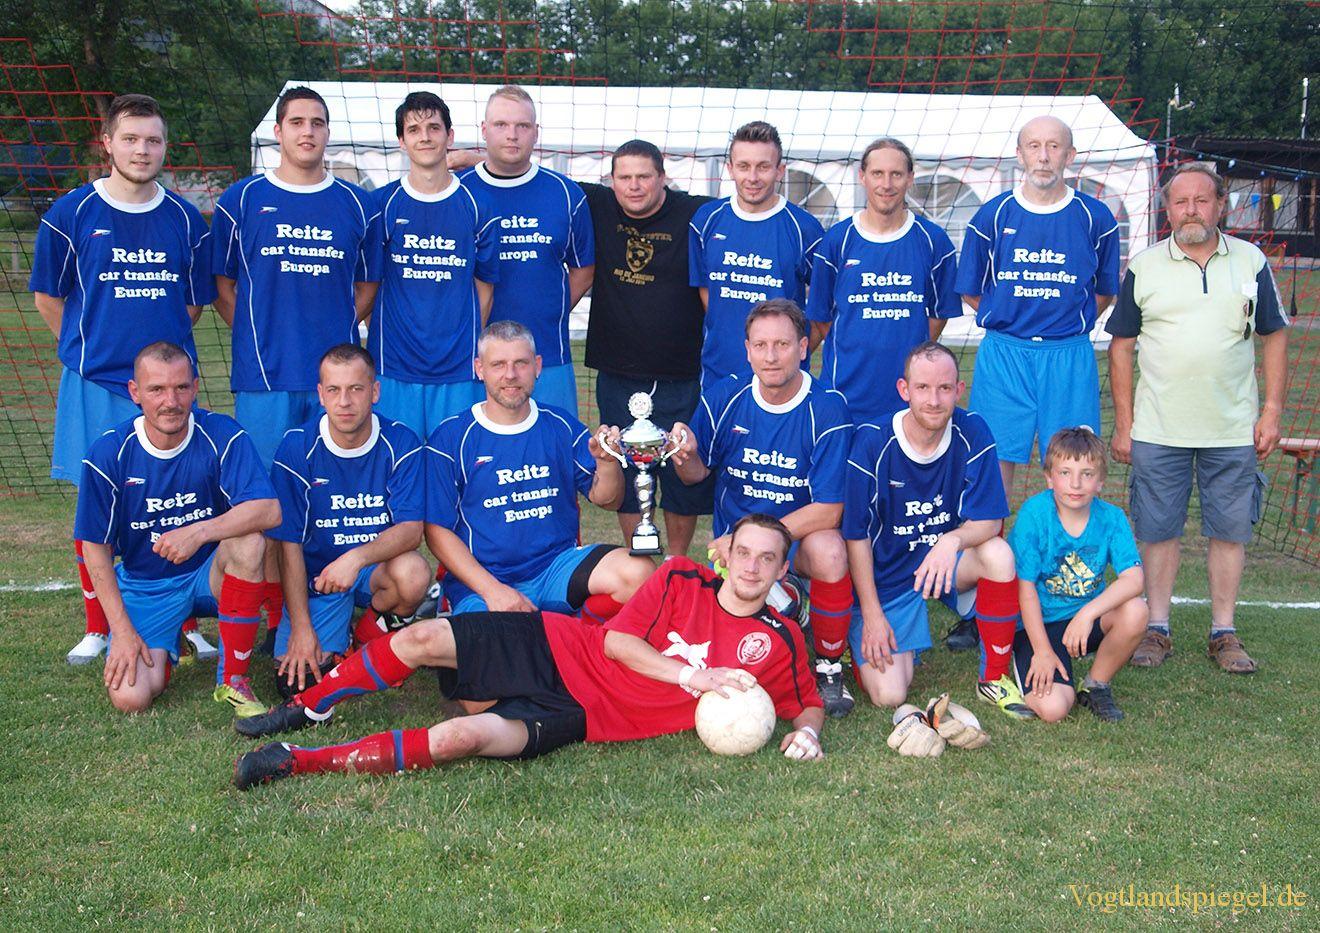 10. Sommerfest des Greizer SV mit Altherrenturnier im Fußball